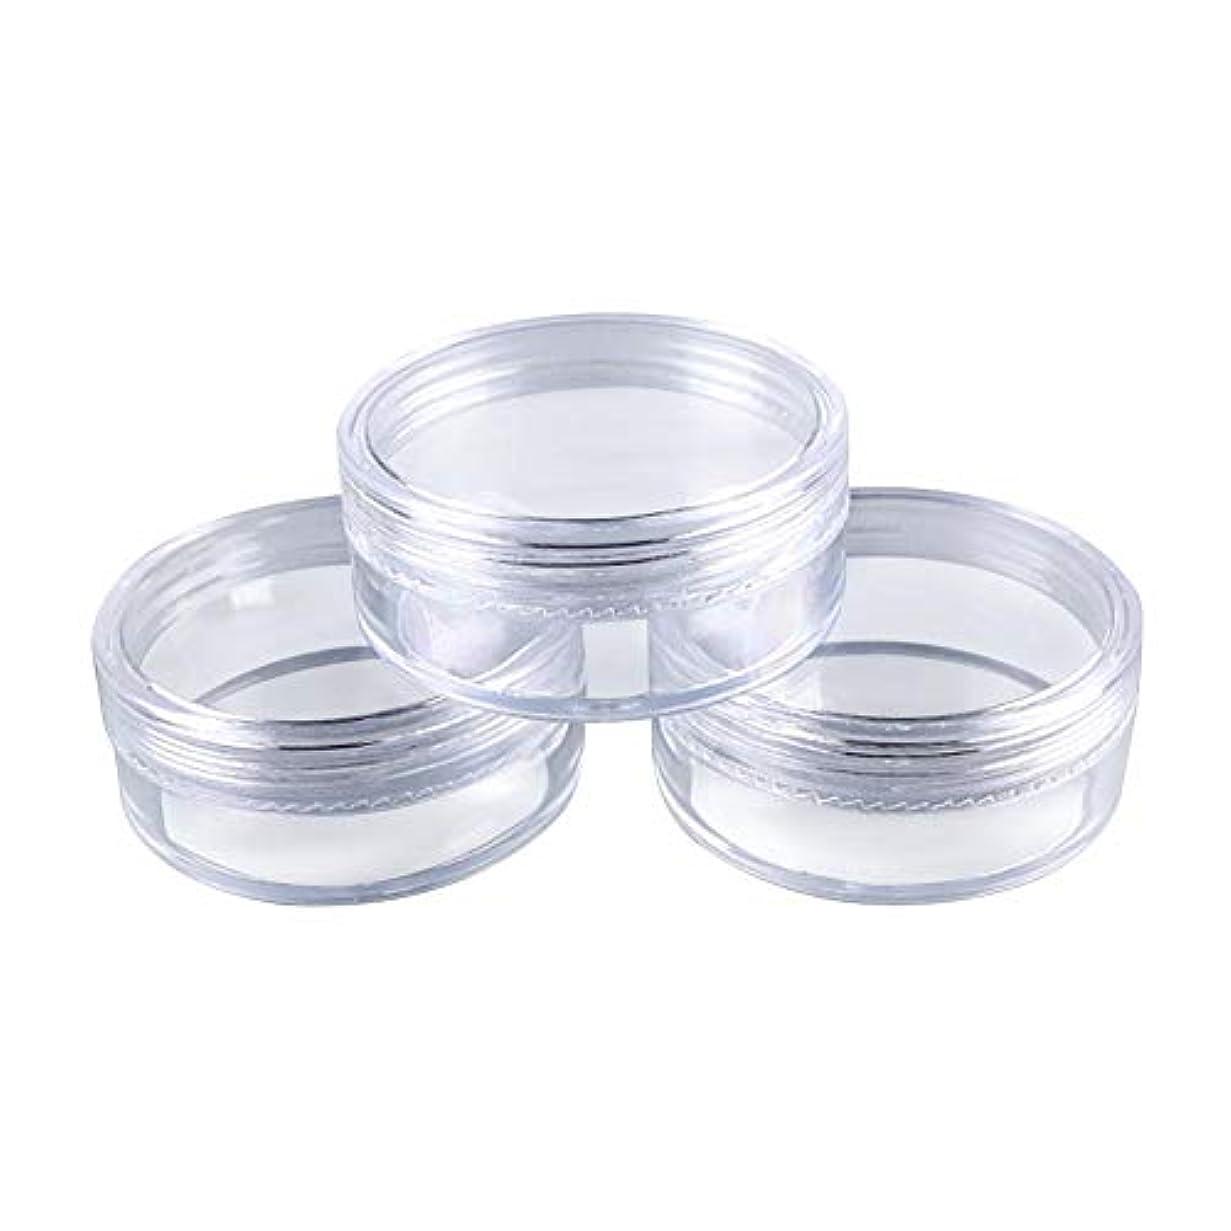 連結するハブブする必要があるトラベルボトル 小分け容器 50個セット 5ml プラスチック缶 詰め替え容器 クリームケース 化粧品 クリーム 小物用 収納ボックス 化粧品サブボトリング 透明カラージャー